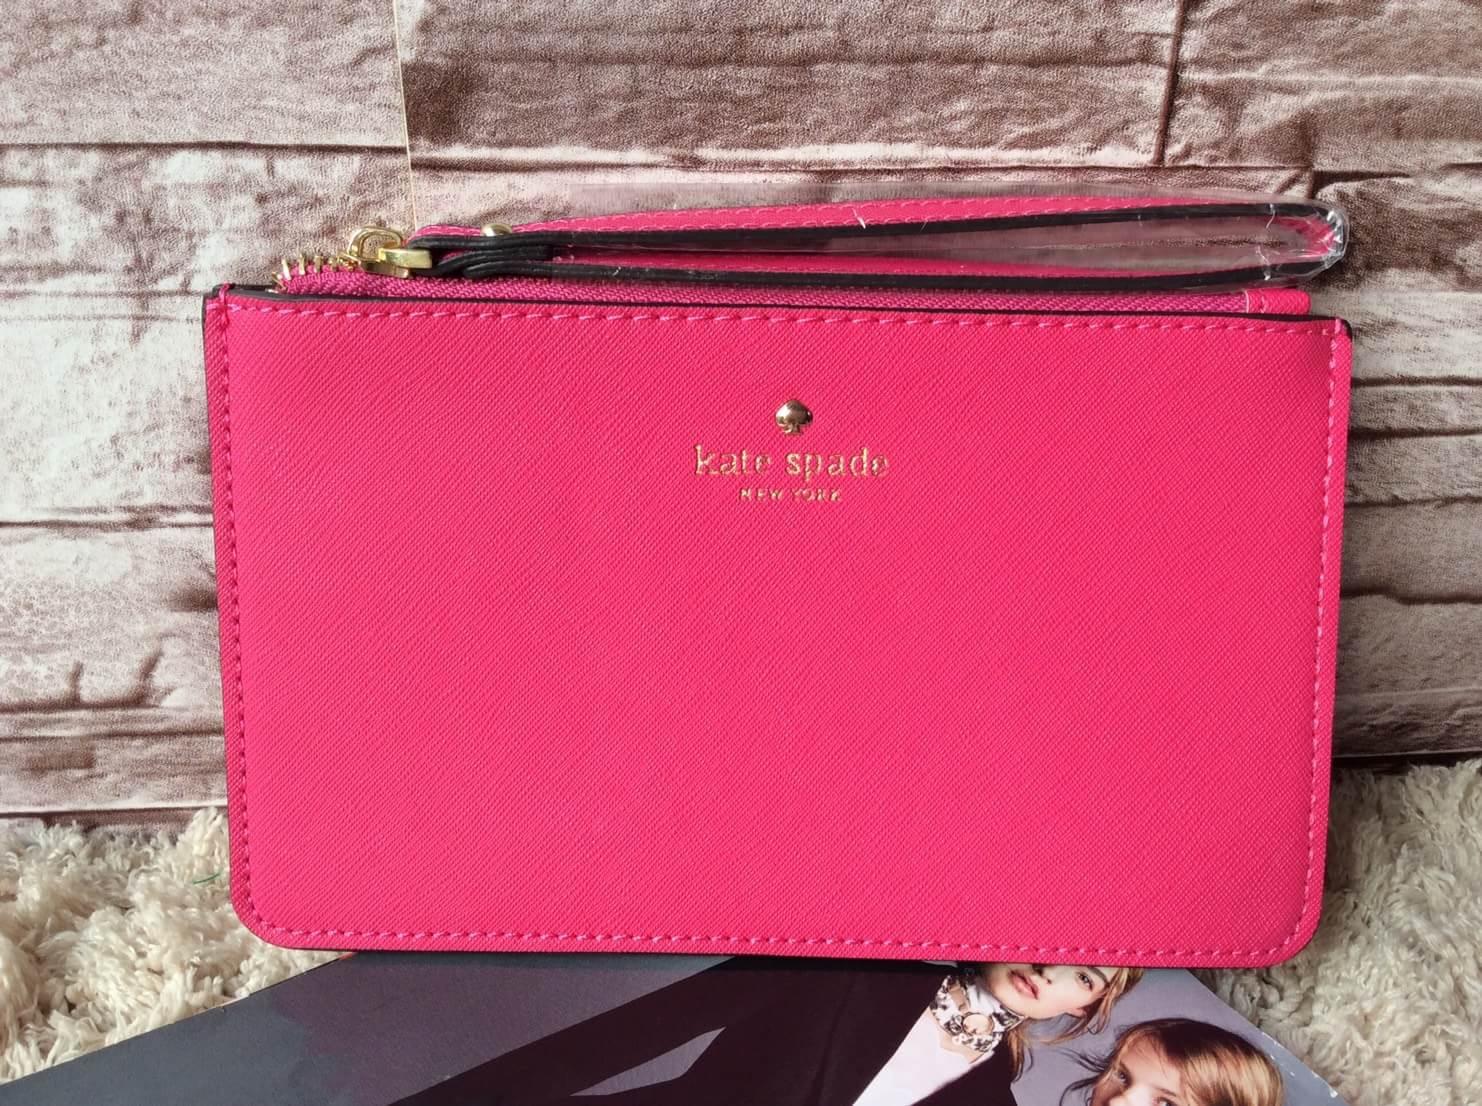 Kate Spade purse wristlet กระเป๋าถือ คล้องแขน ขนาดเล็กใส่เงิน ใส่โทรศัพท์ได้ ใส่ของจุกจิก น่ารักมากๆ Color : ชมพู Size : กว้าง 20 x สูง 12 cm.